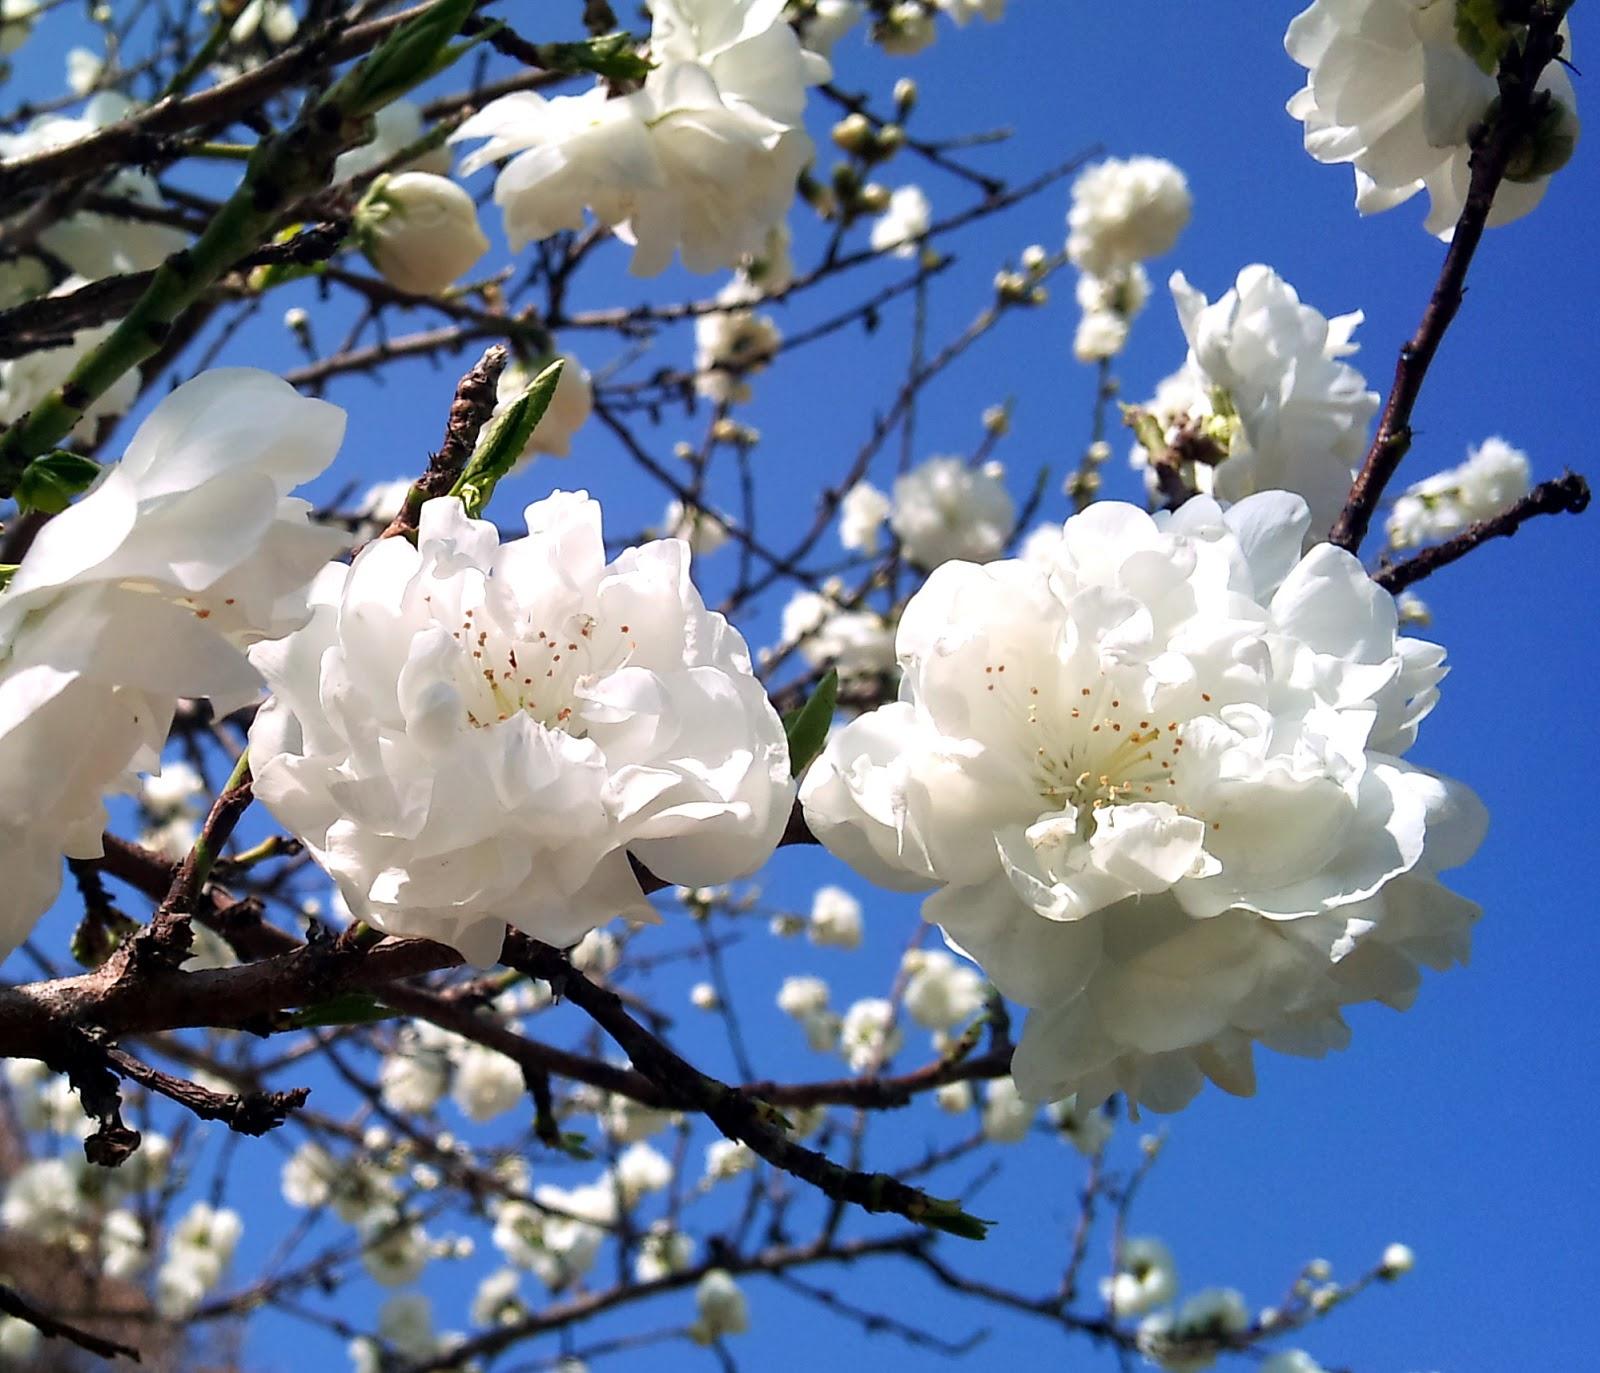 Rboles con alma melocotonero presseguer prunus persica - Arbol de rosas ...